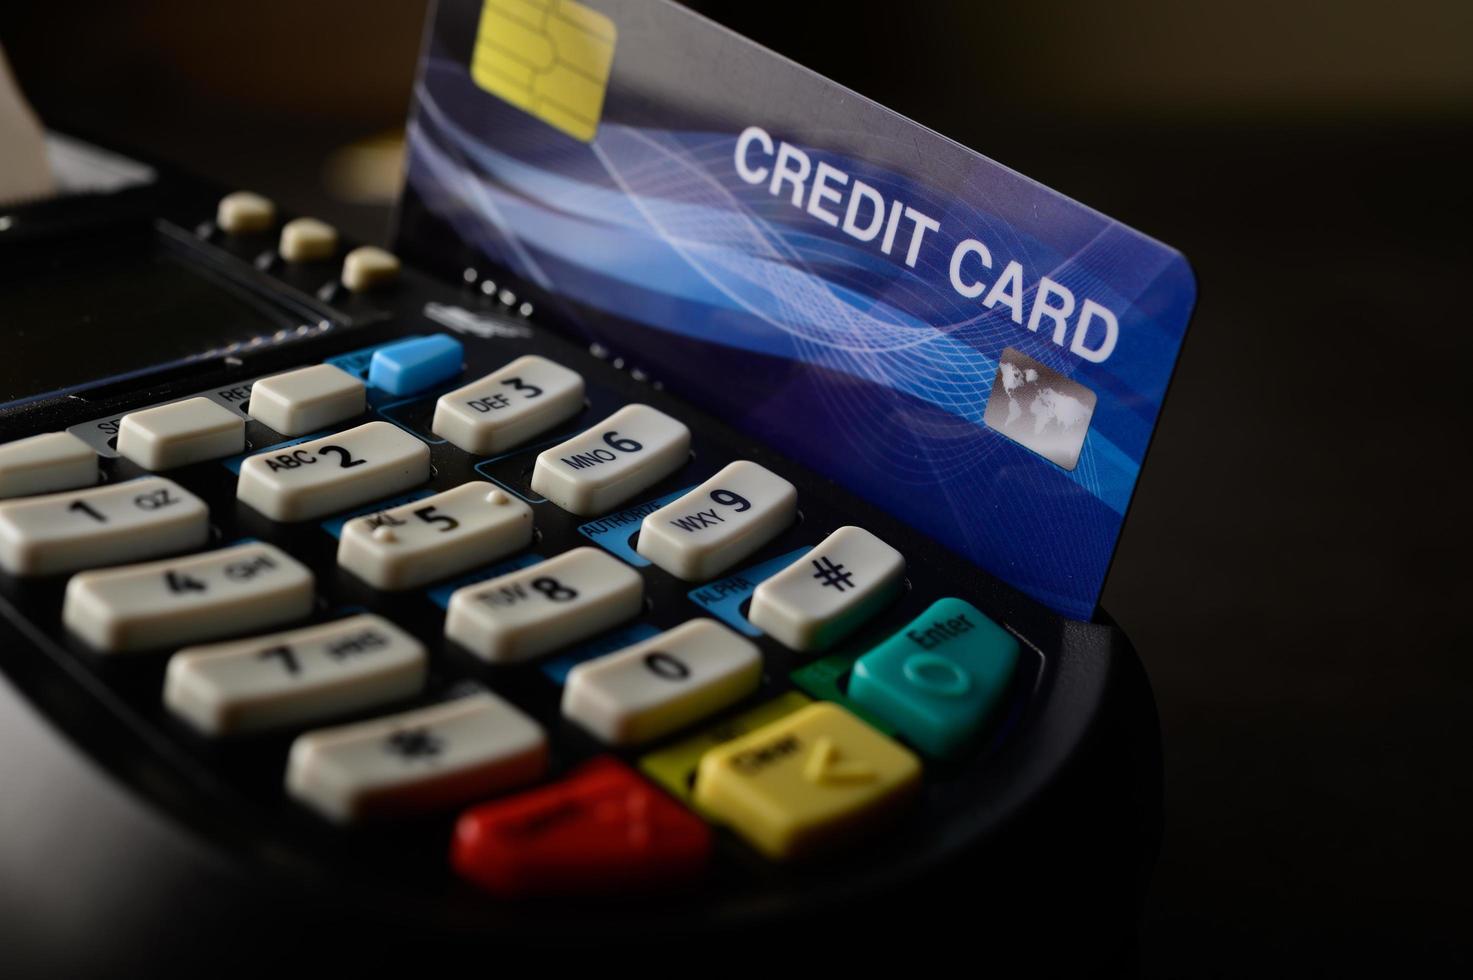 carta di credito passata per pagare beni e servizi foto